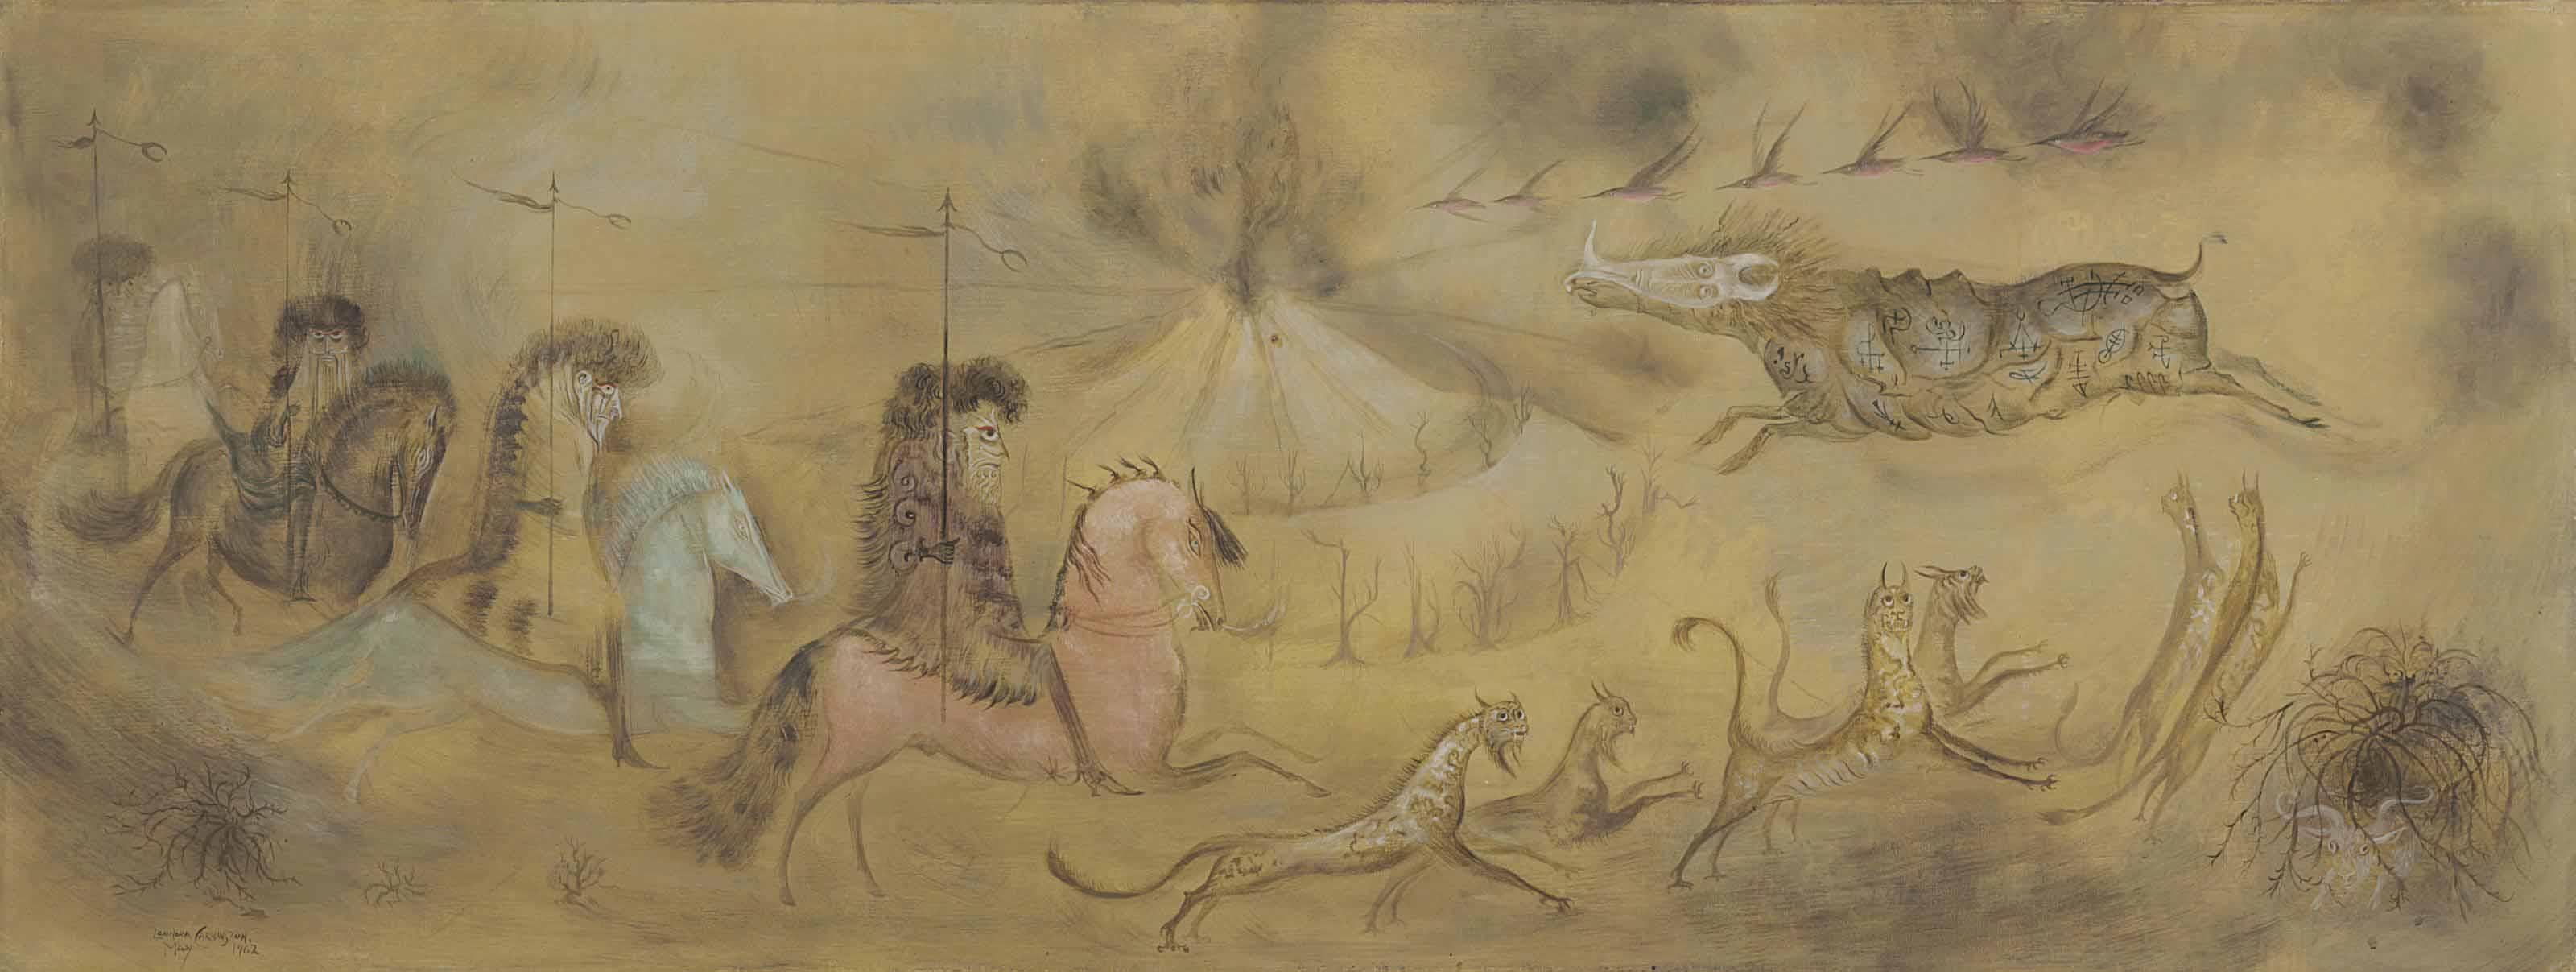 The Hunt (also known as La gran cacería)